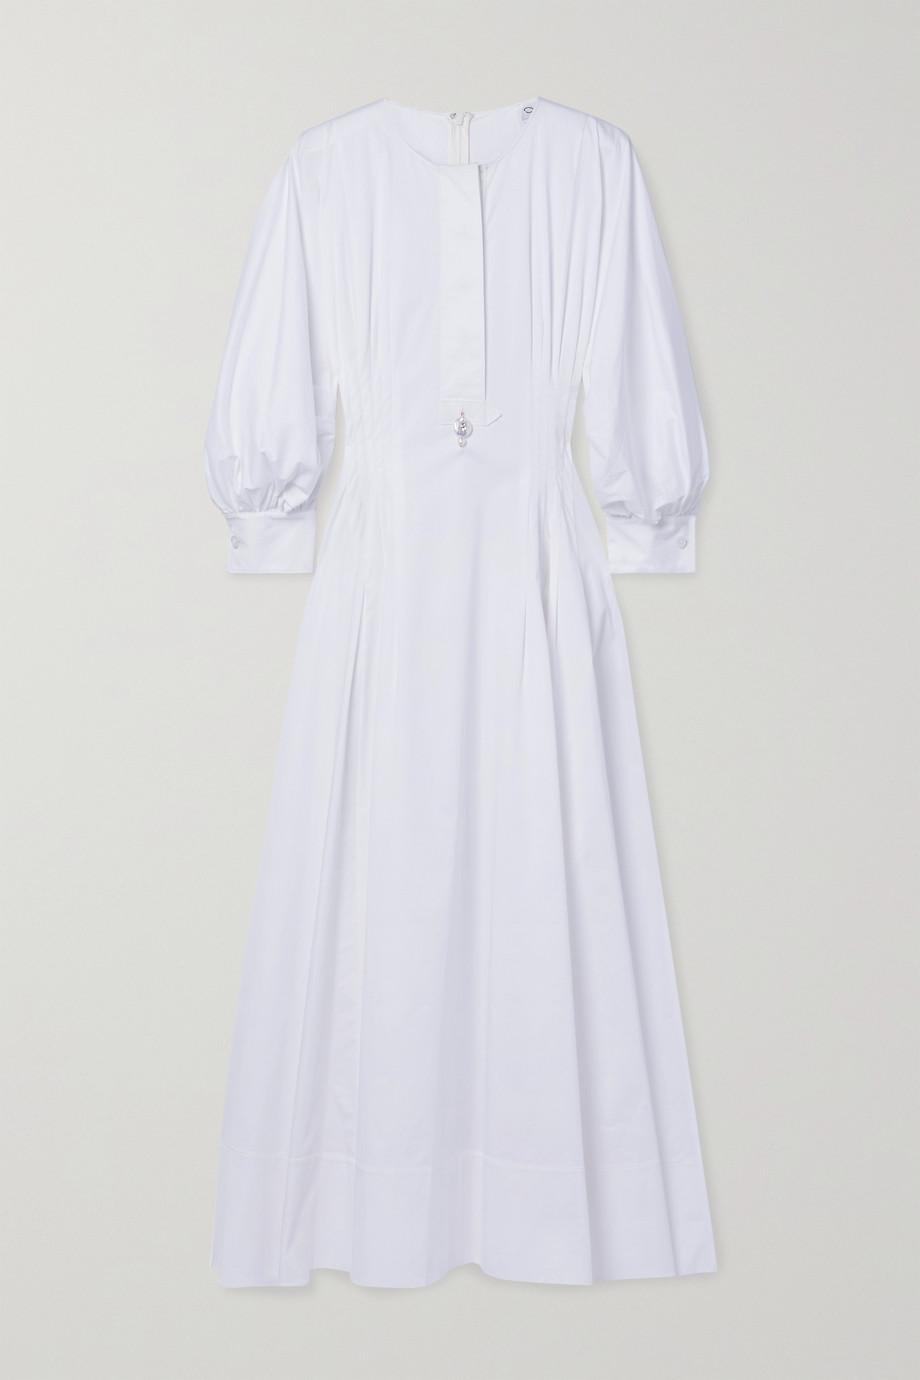 Oscar de la Renta Pearl-embellished pintucked cotton-blend poplin midi dress